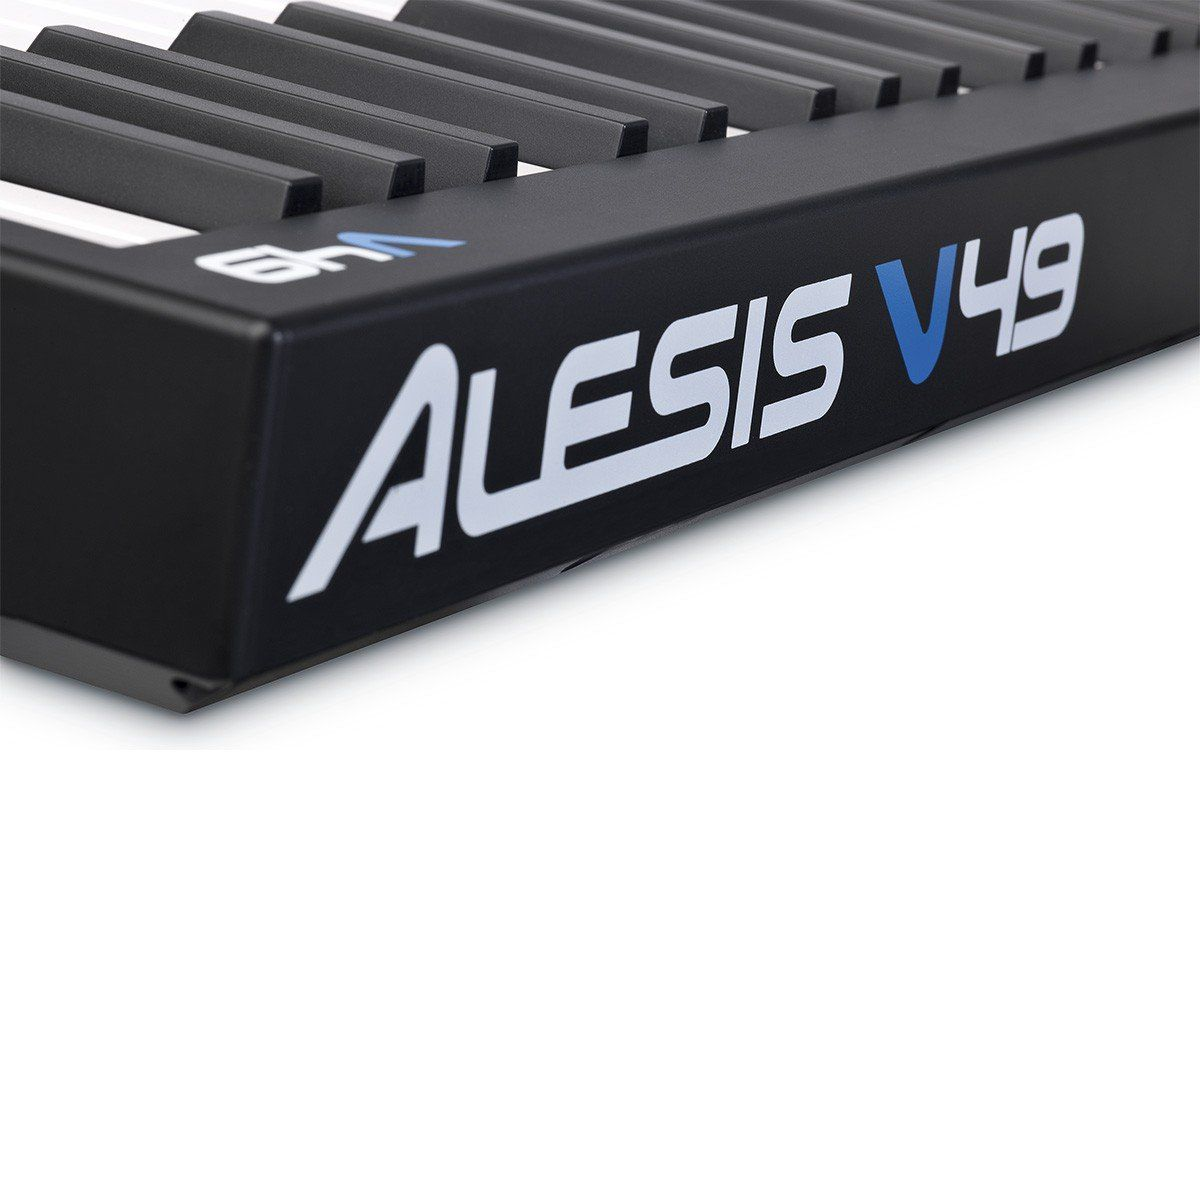 Alesis V49 USB Controladora Midi de 49 Teclas para Produção Musical